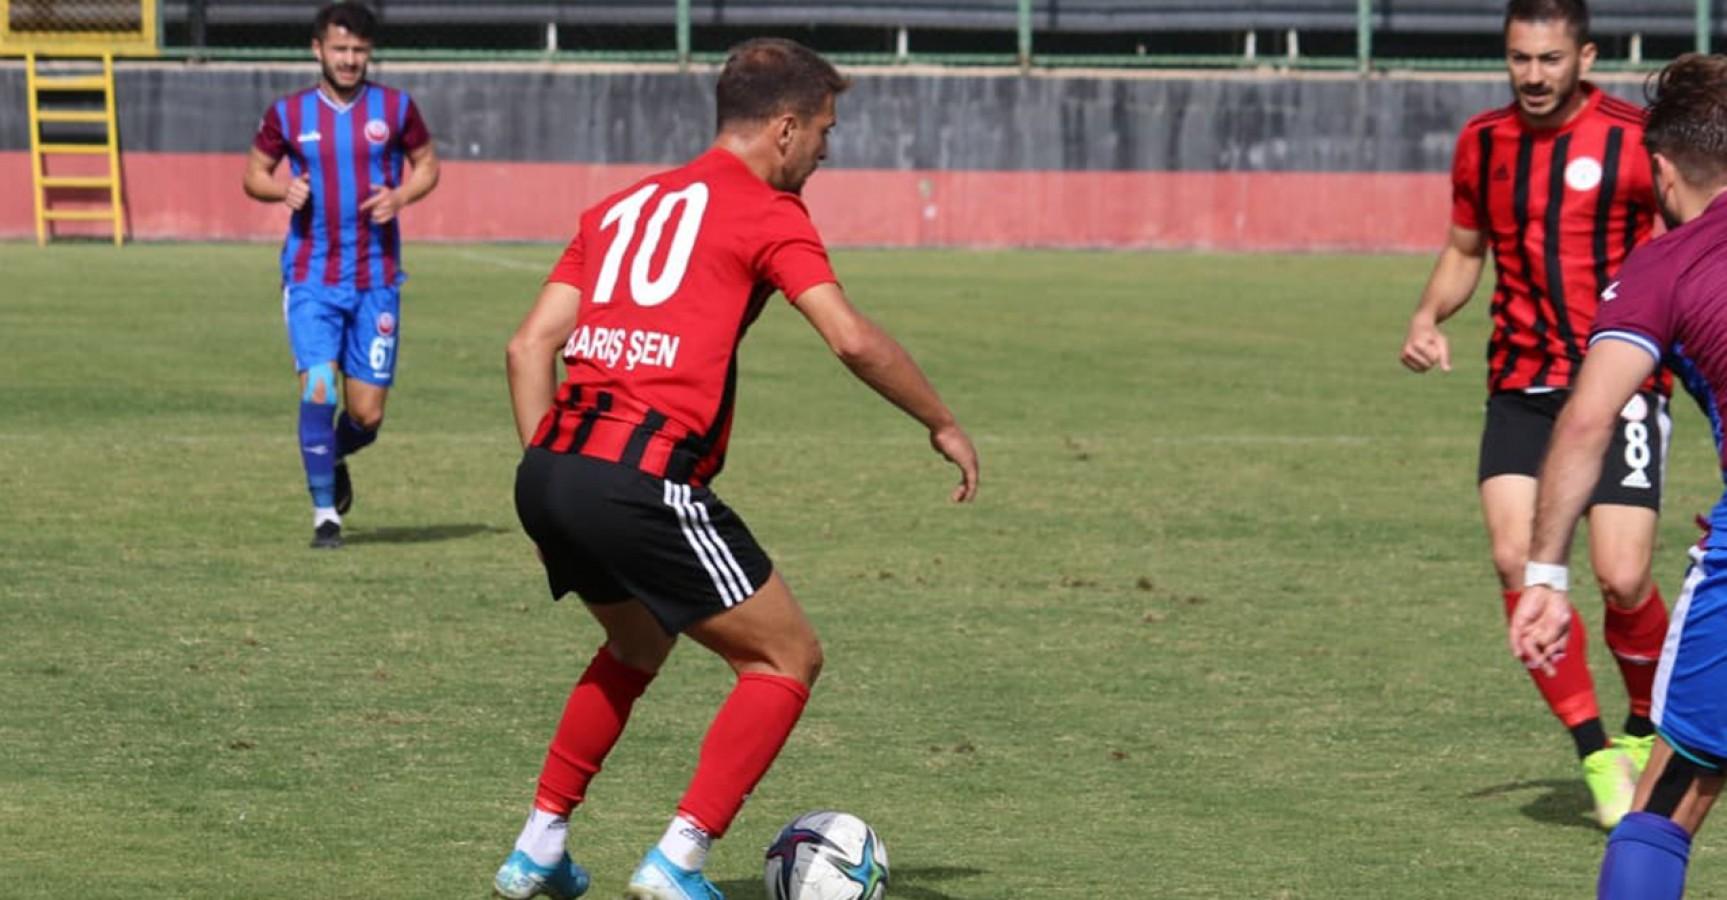 TFF 3. Lig'deki Karaköprü'te gol sesi çıkmadı